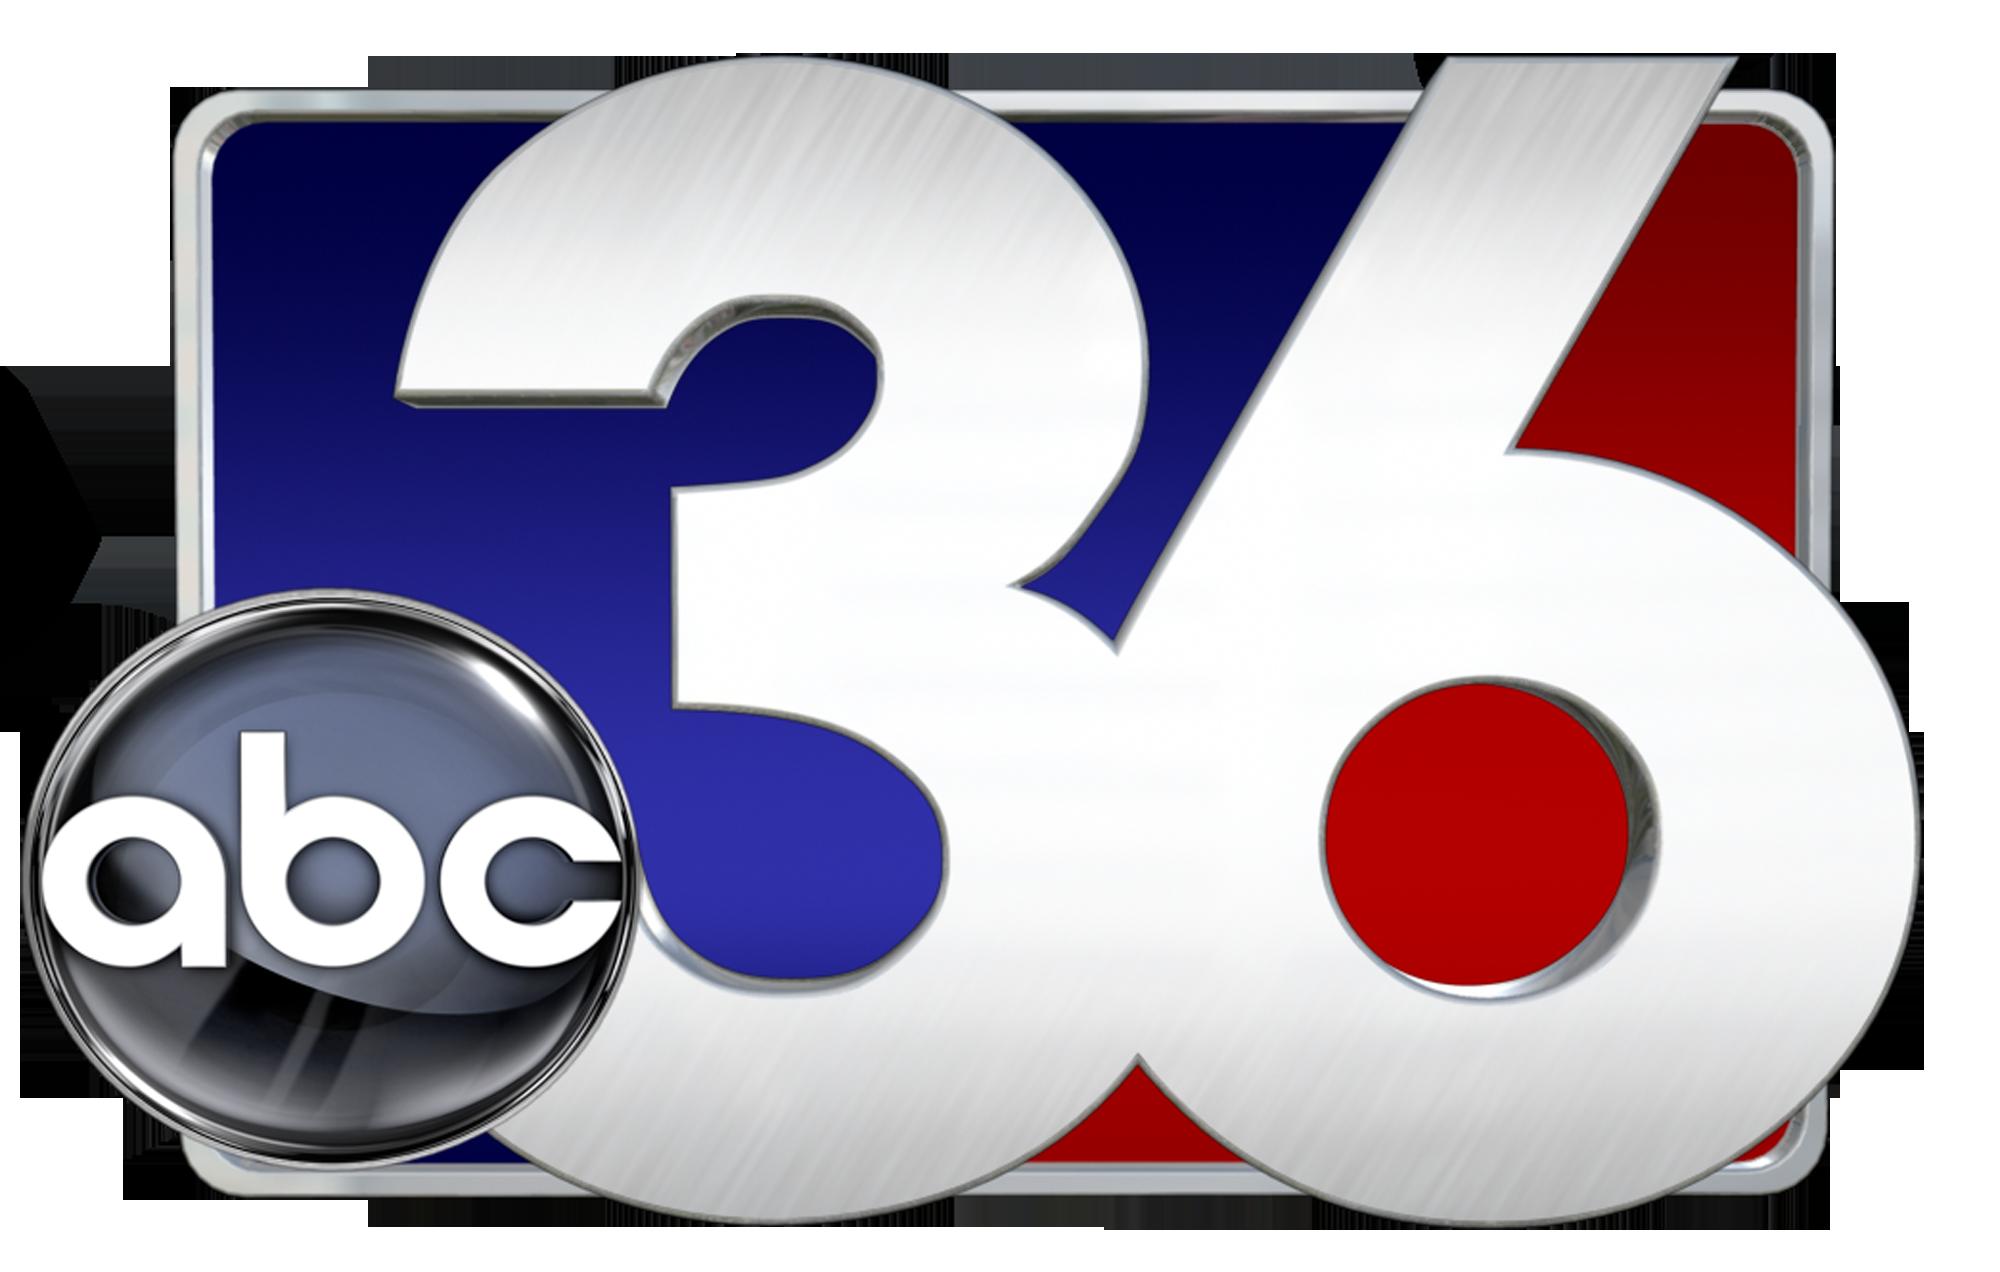 36_Logo_No_Tvq1.png